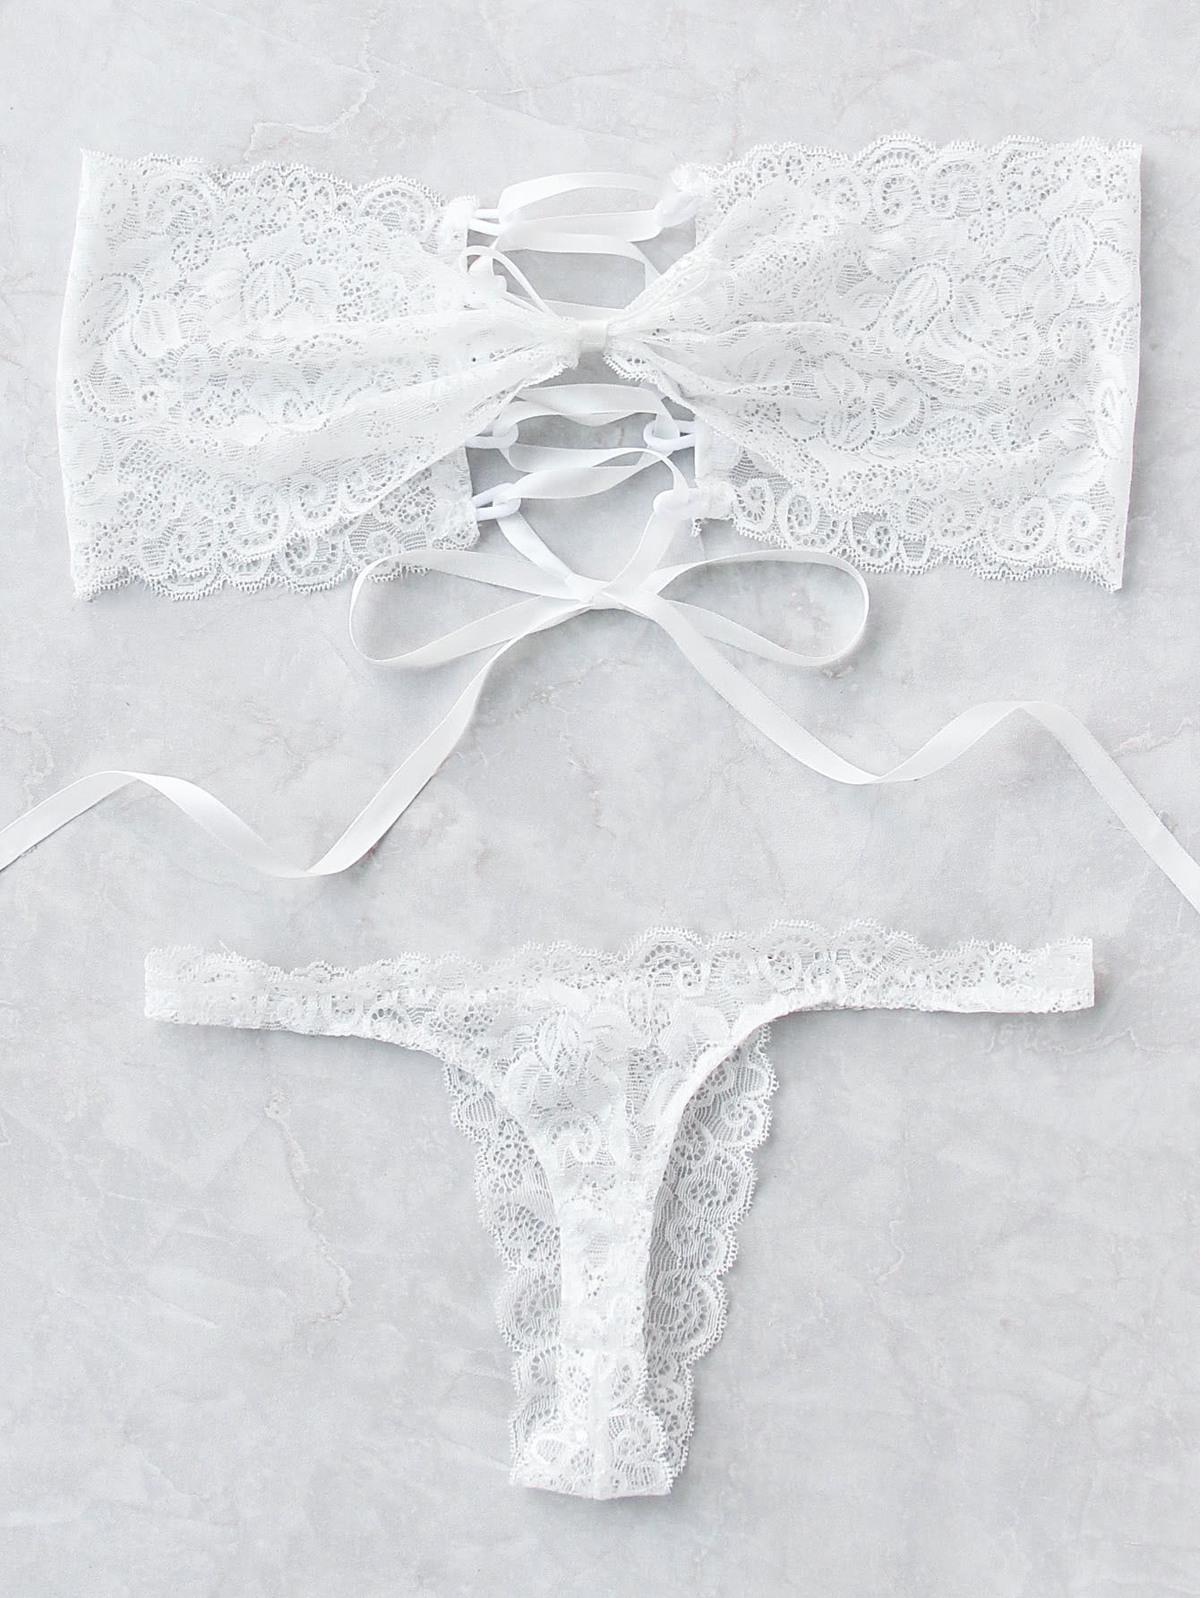 小可愛式 交叉綁帶 內衣睡衣 組